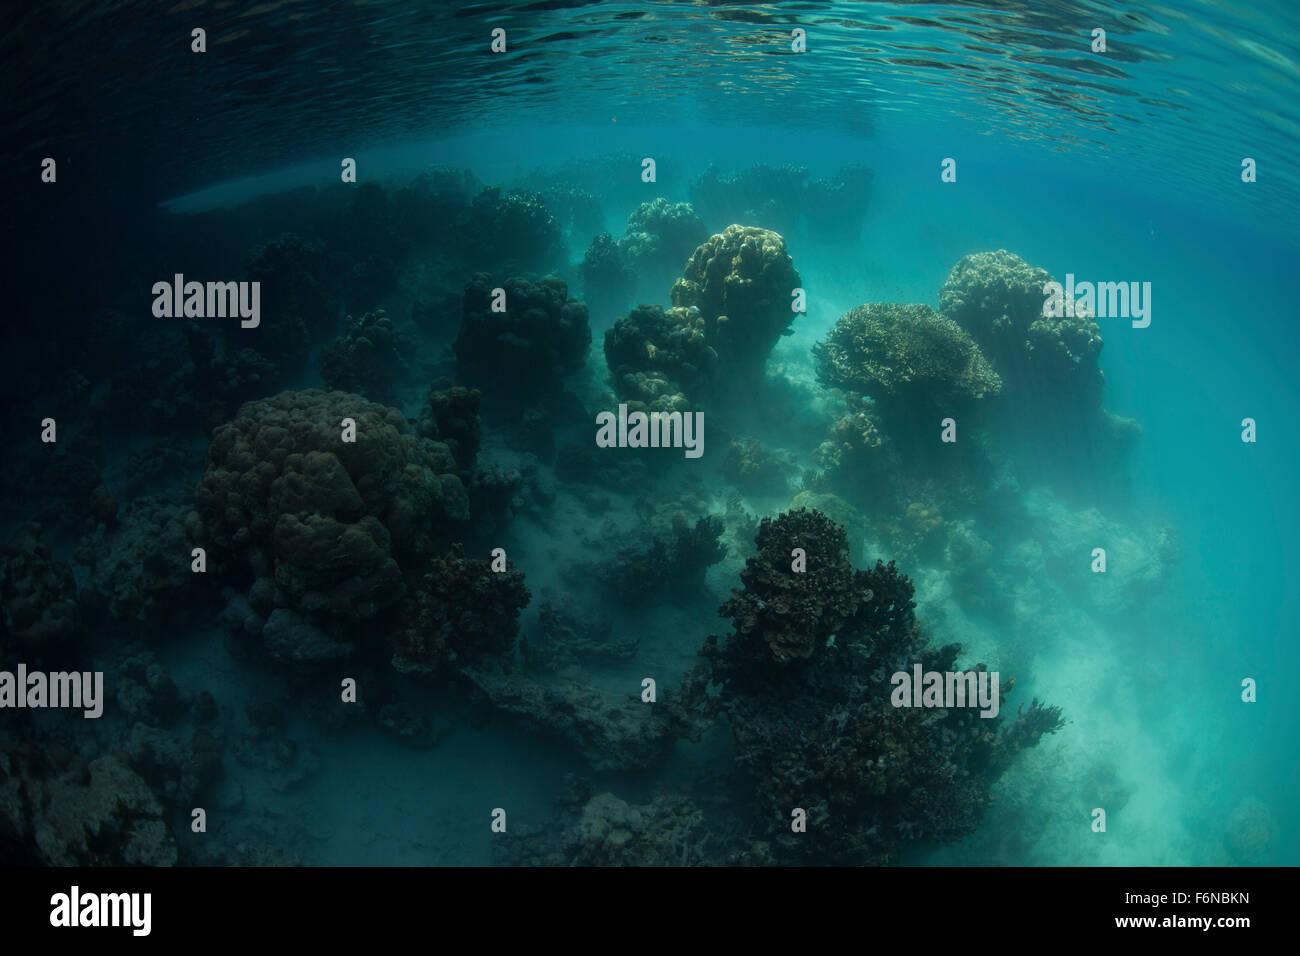 Ein Meeres-See in Palau wirkt fast traumartigen aufgrund der Wasserfarbe und seltsame Korallenwachstum. Stockbild